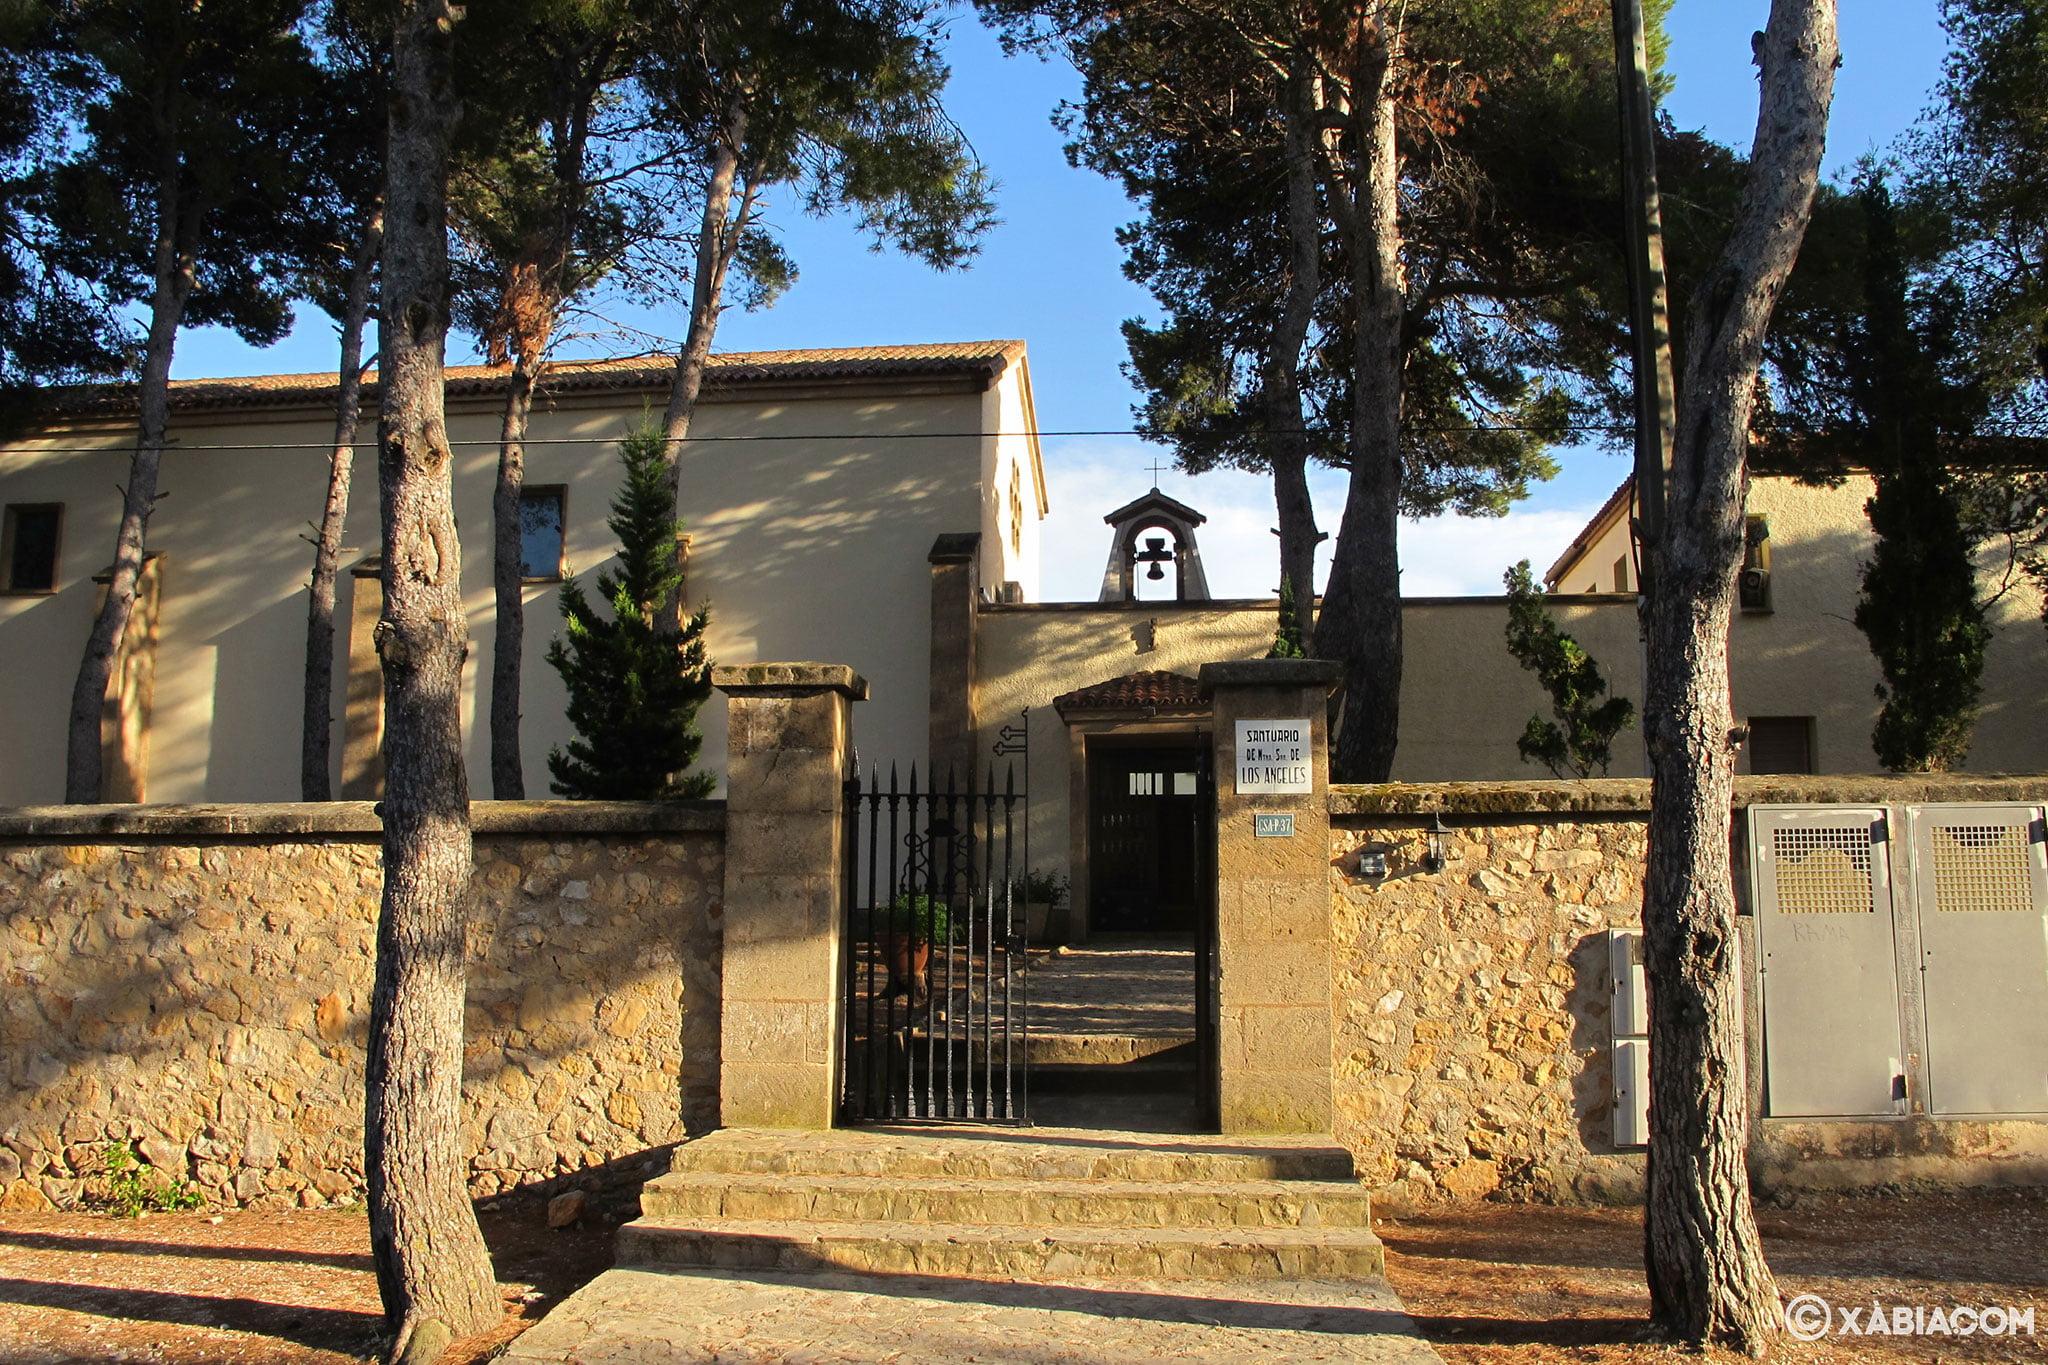 Monasterio de Nuestra Señora de los Ángeles, en Xàbia